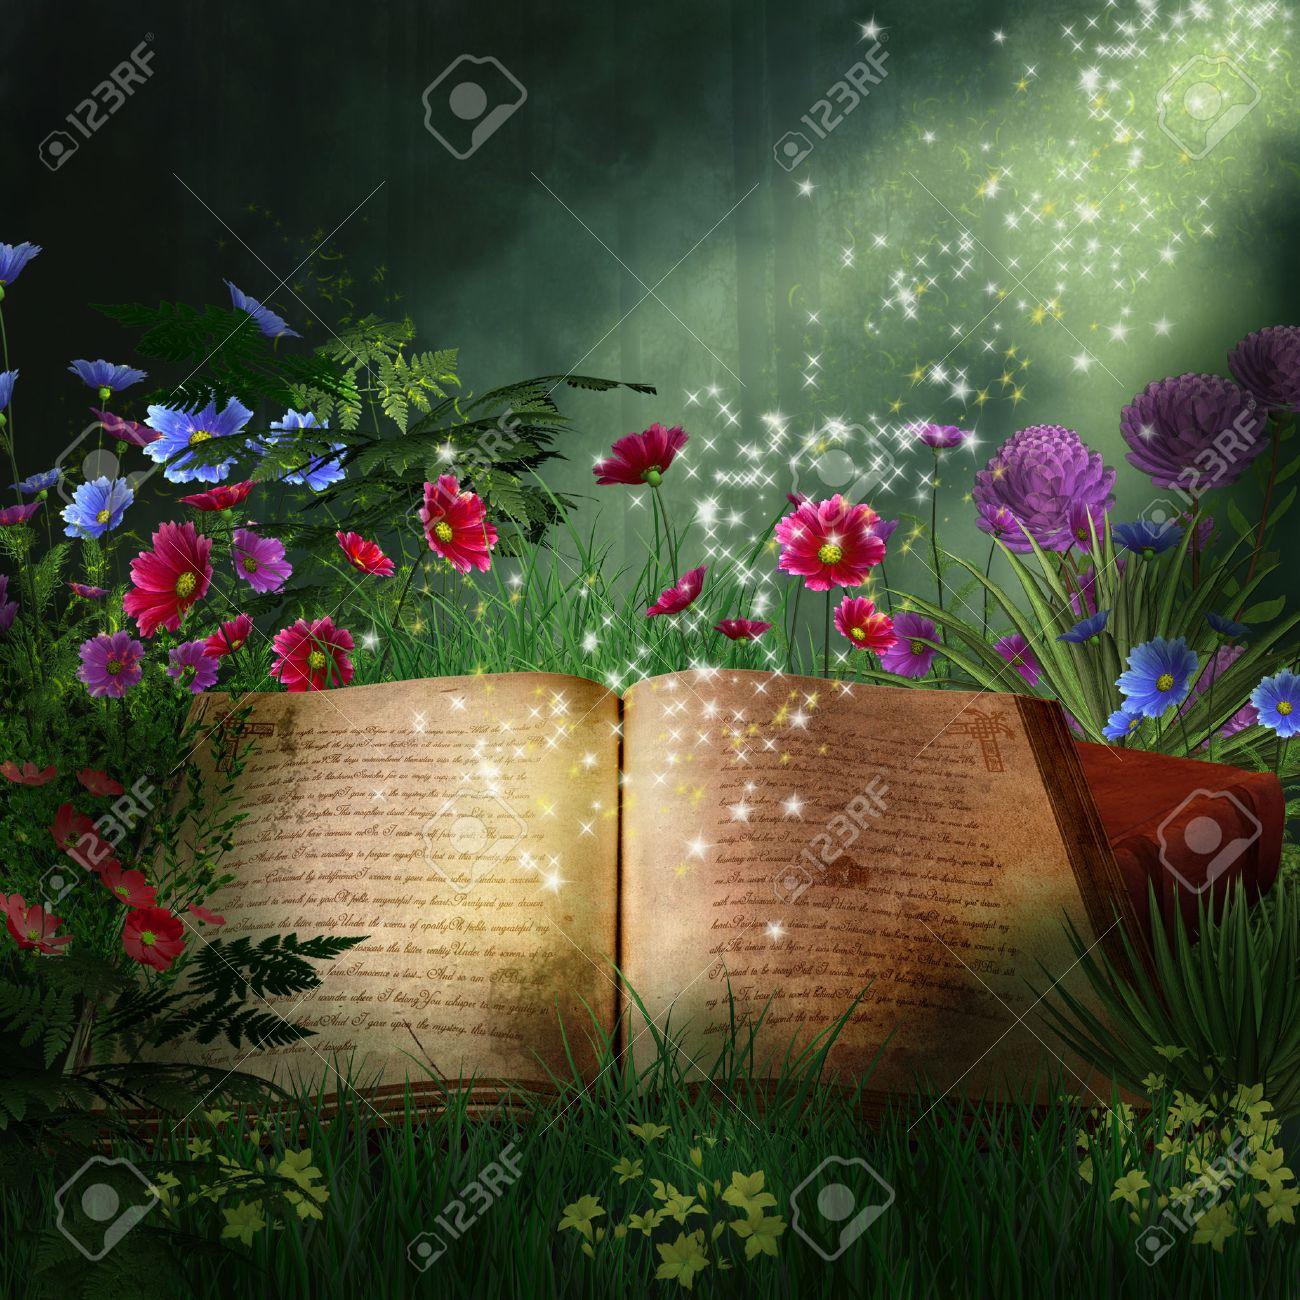 Livre Magique Dans Une Foret Fantastique